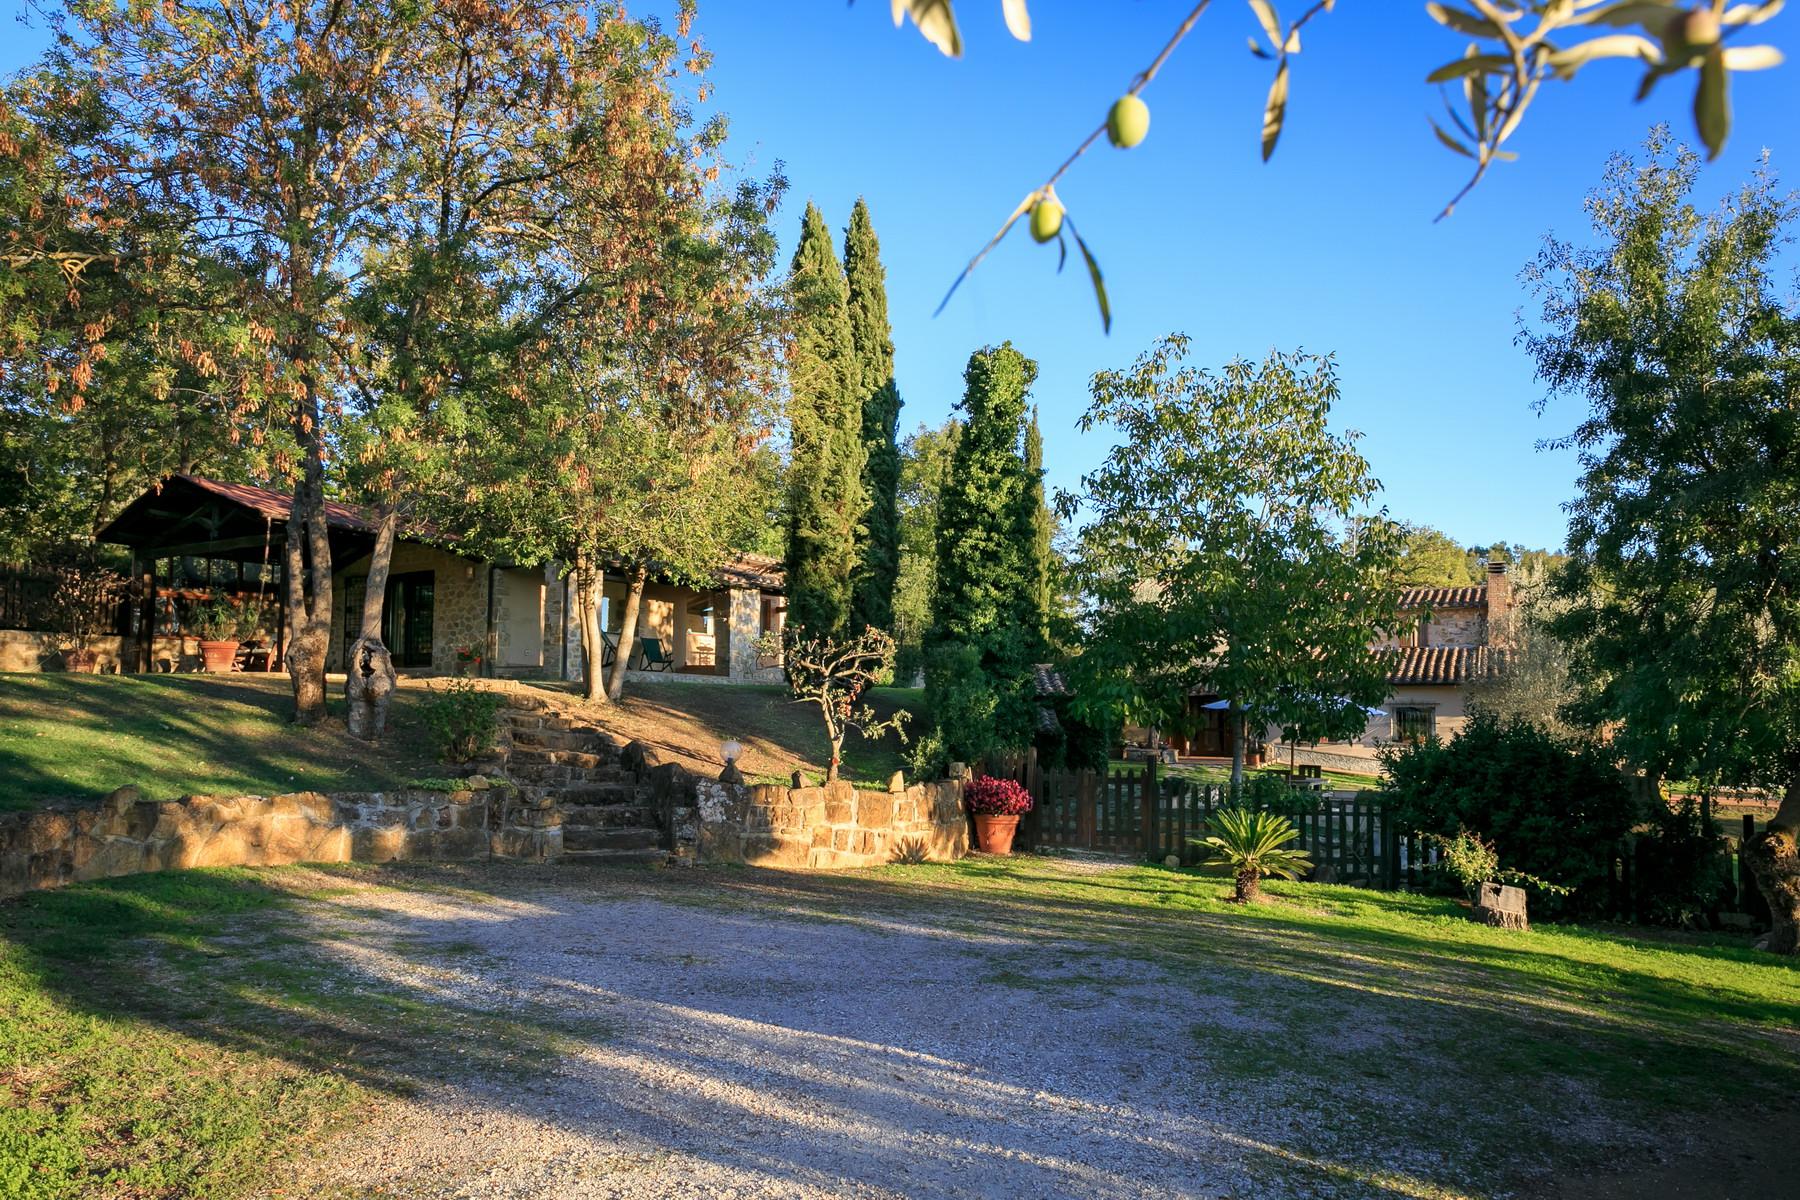 Rustico in Vendita a Manciano: 5 locali, 357 mq - Foto 4